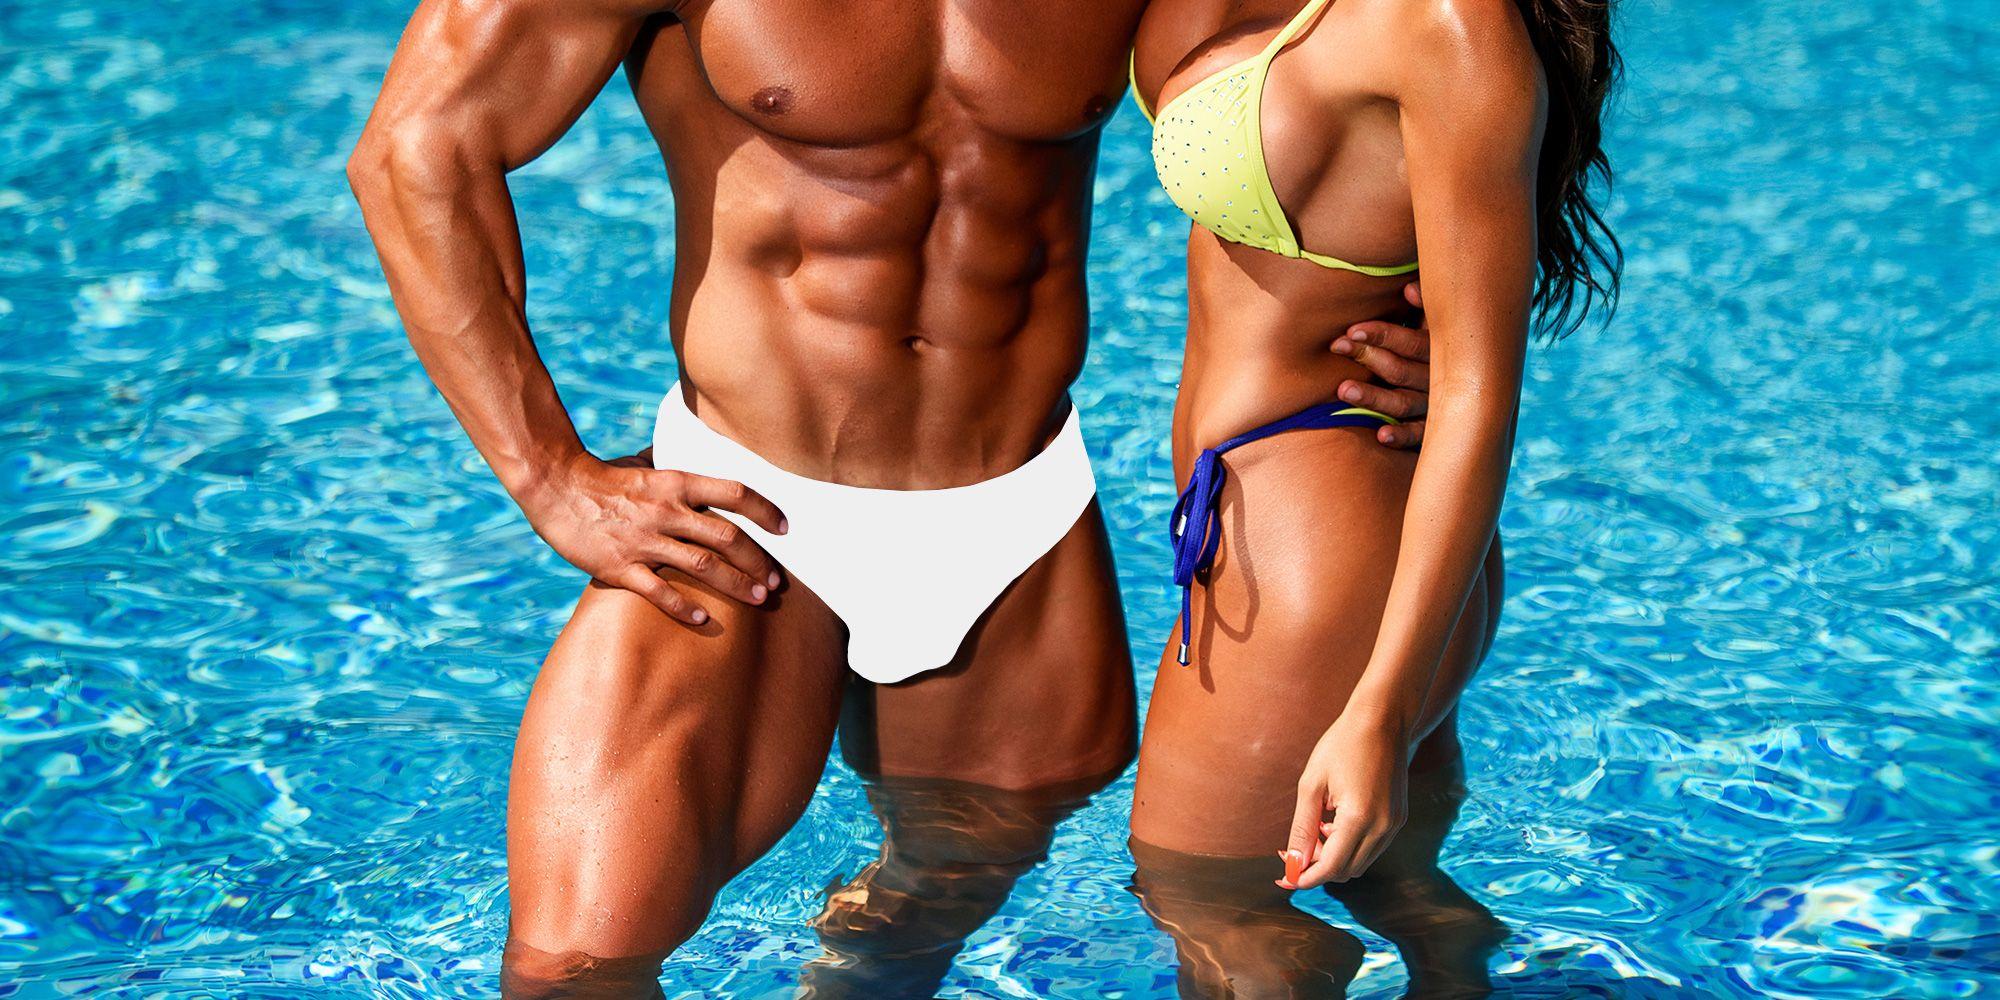 Where should a guy wear his sisters bikini?